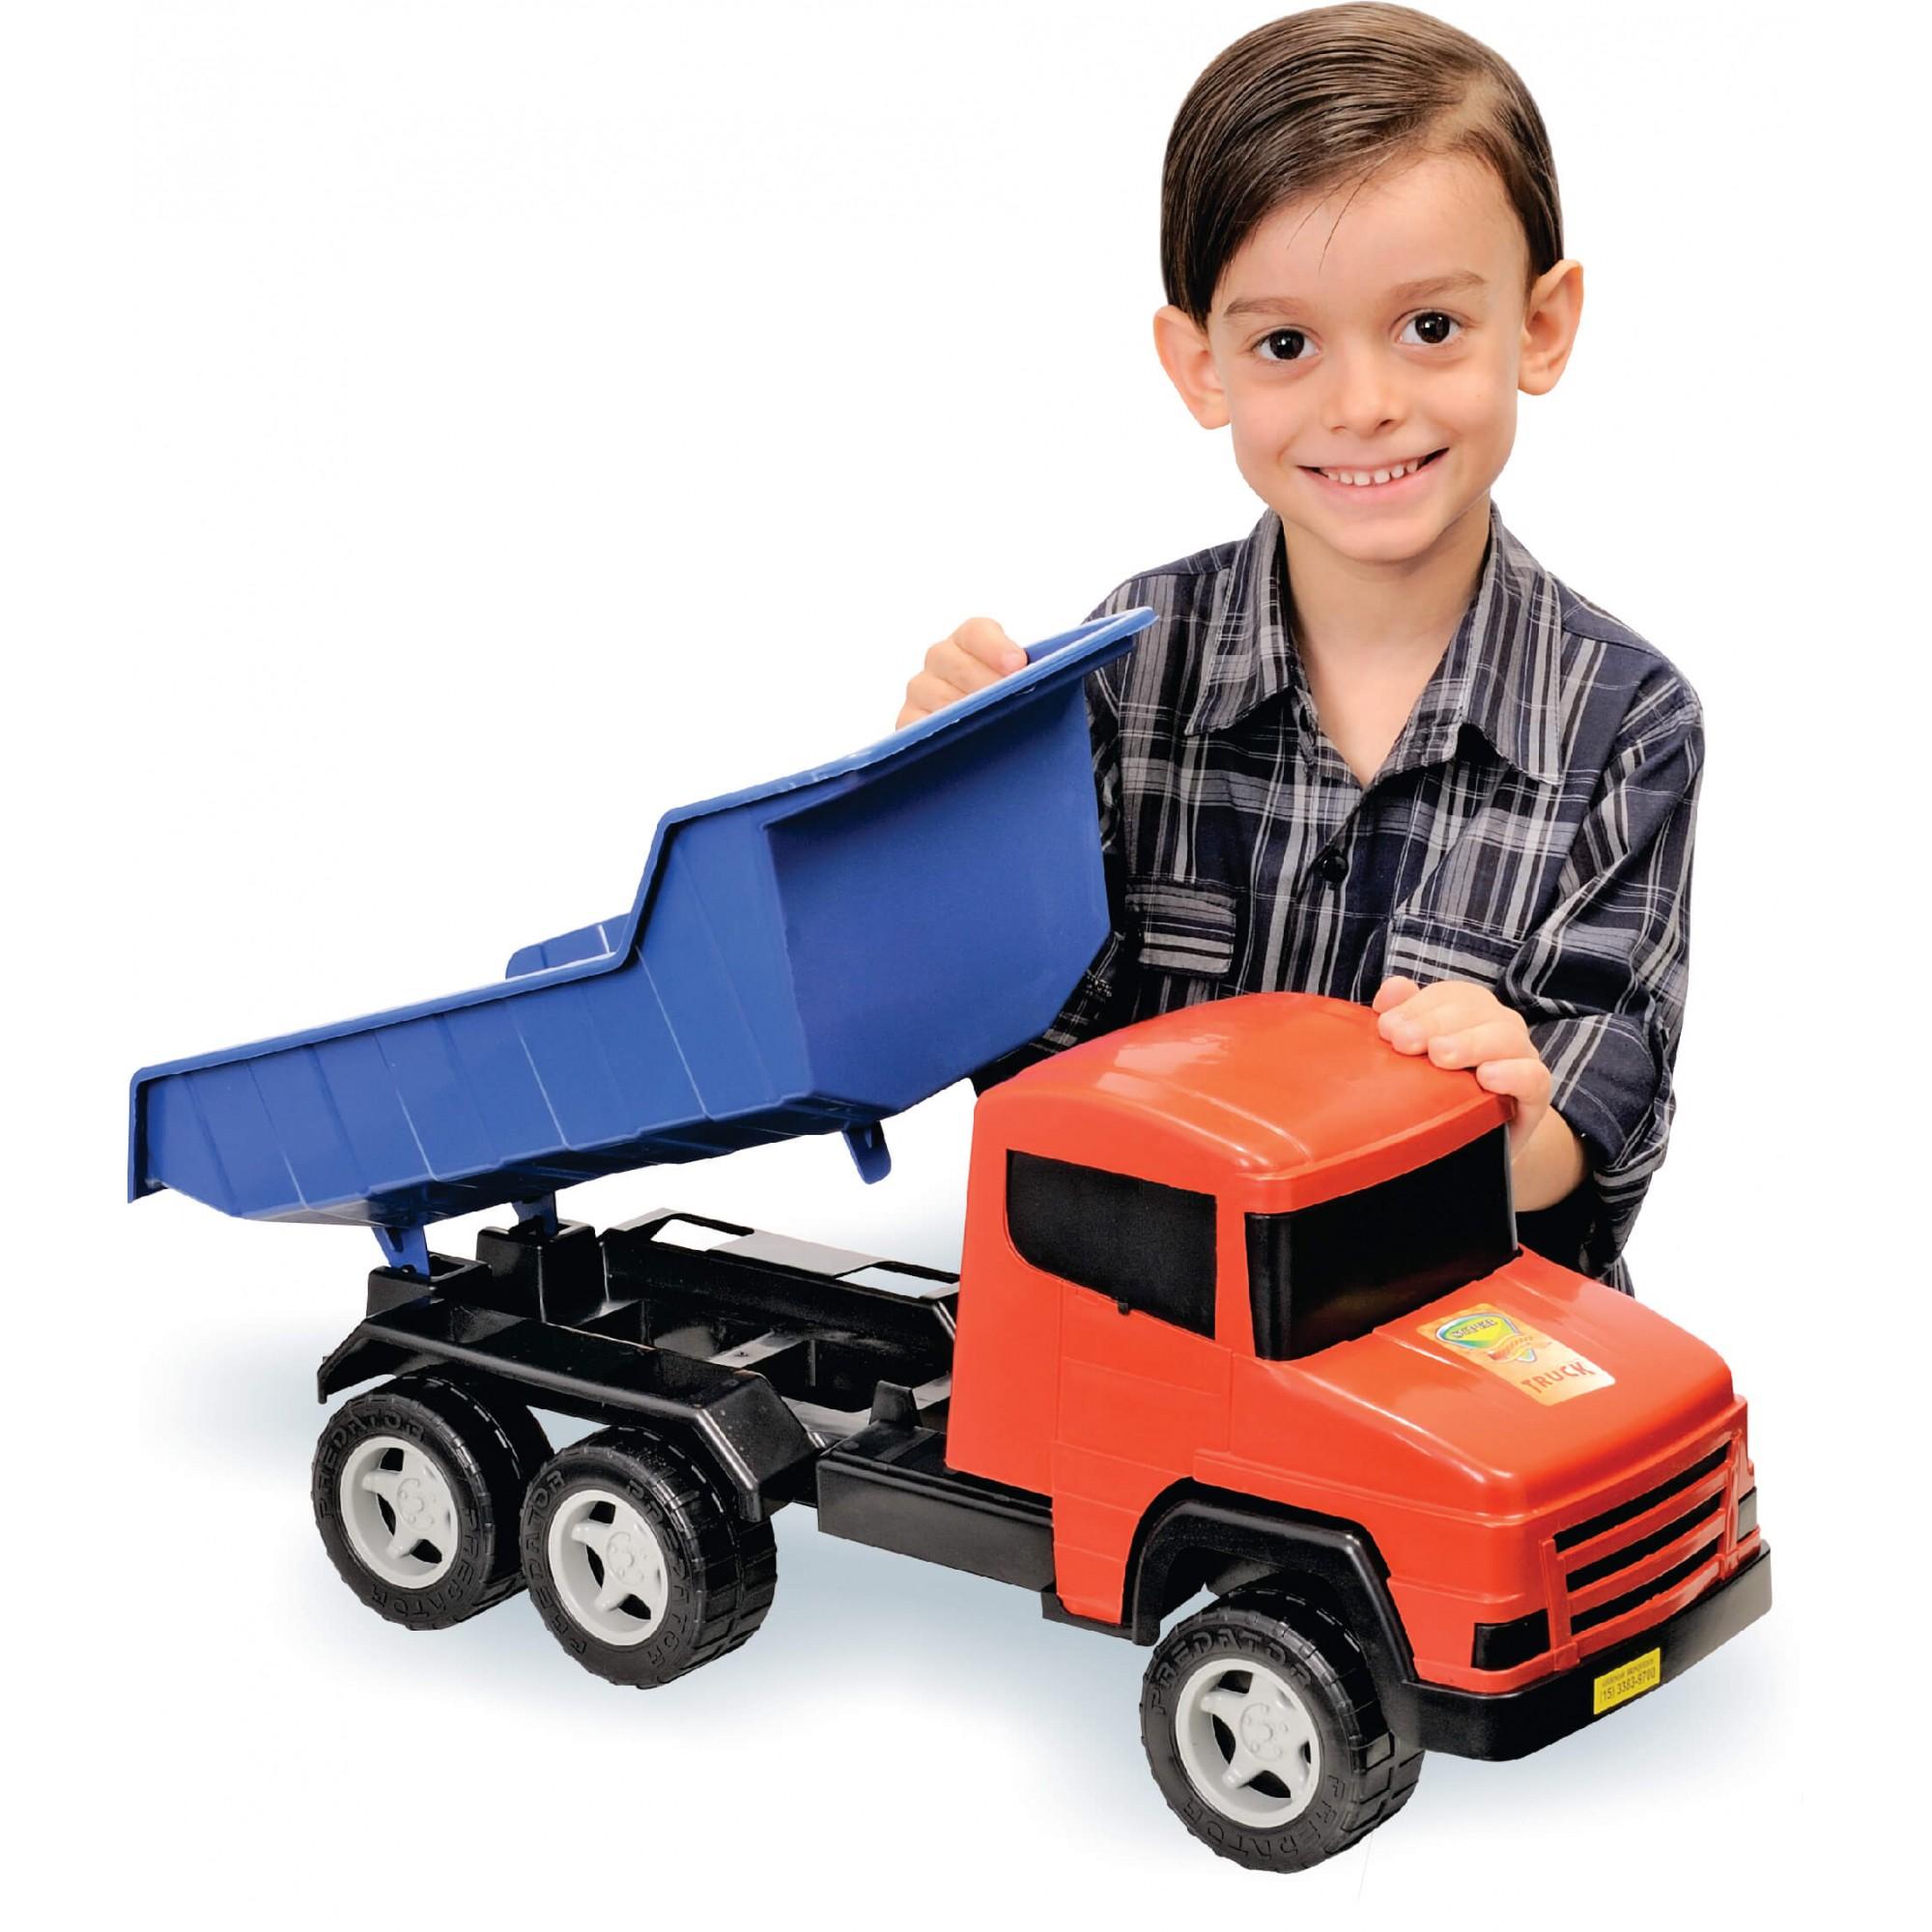 Caminhão Super Truck Caçamba 790 Adijomar